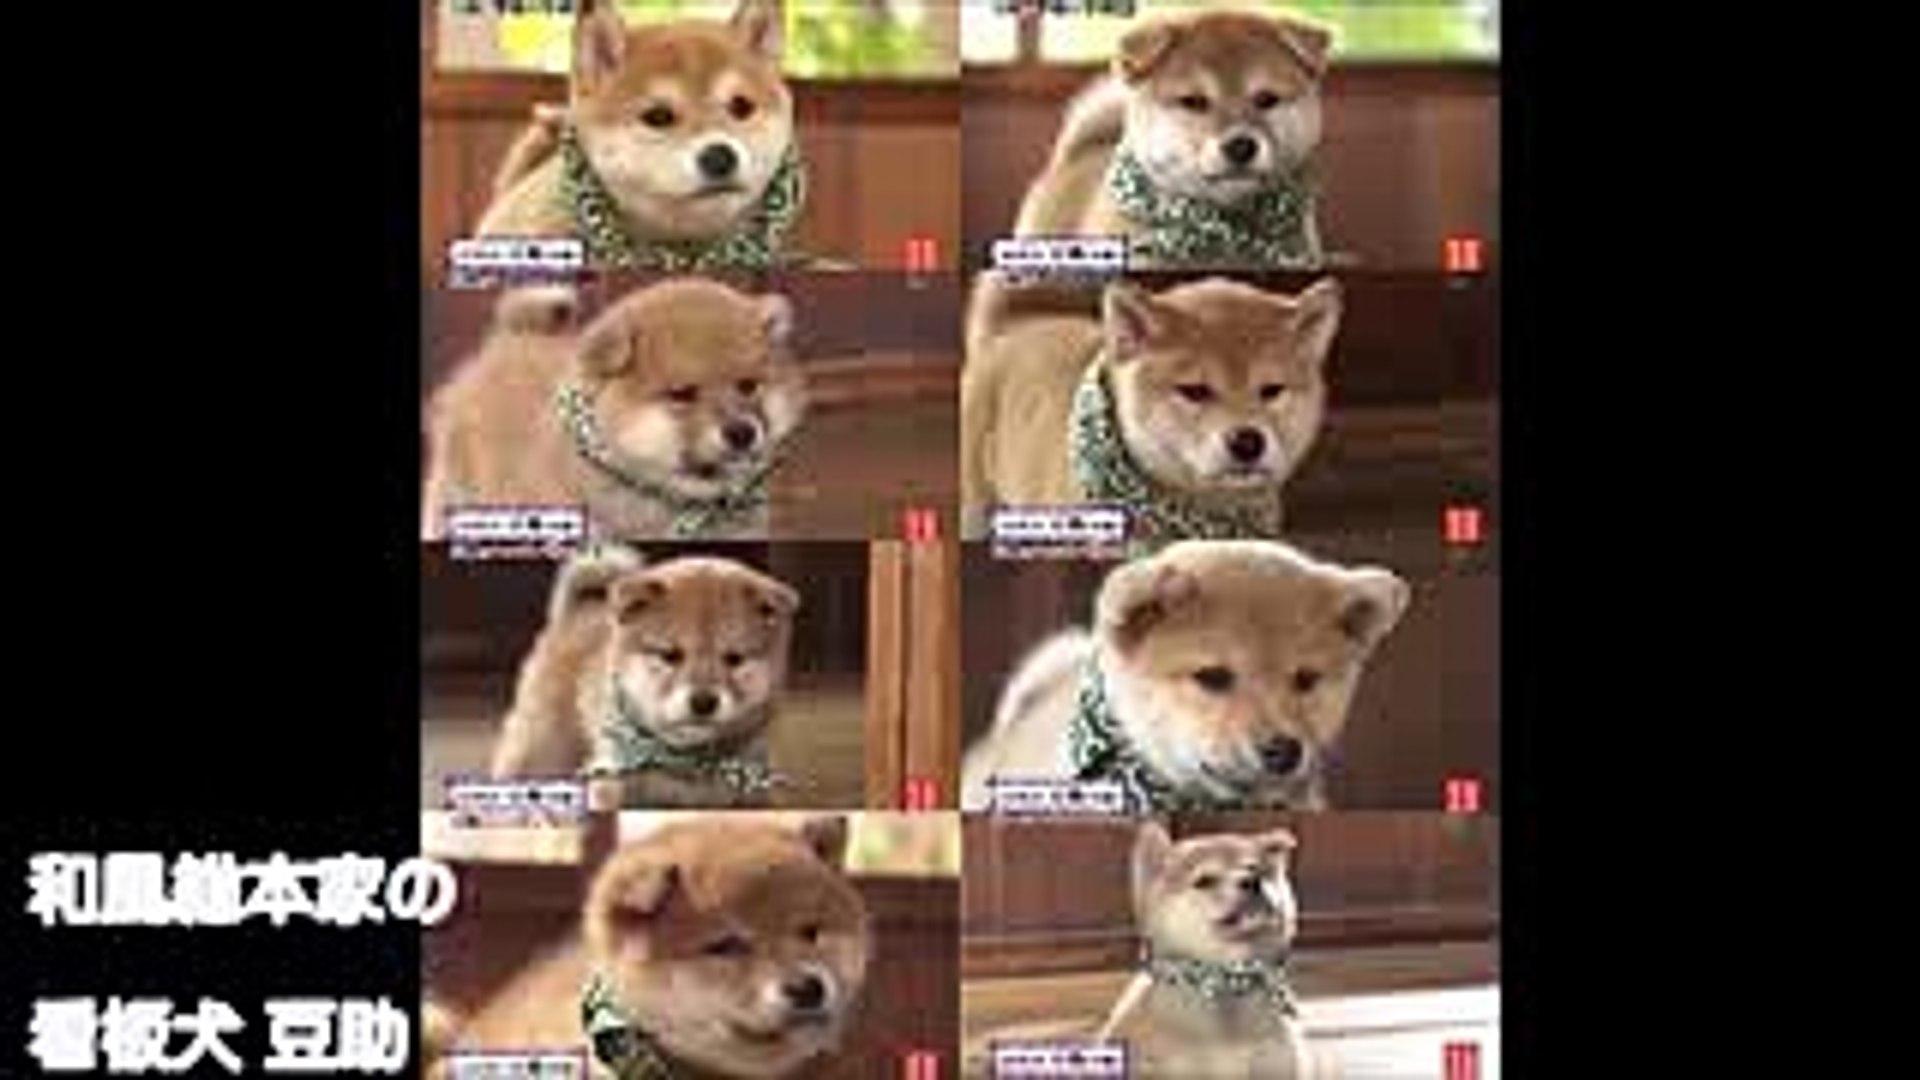 豆助にキュン 和風総本家の看板犬豆助が可愛い Video Dailymotion